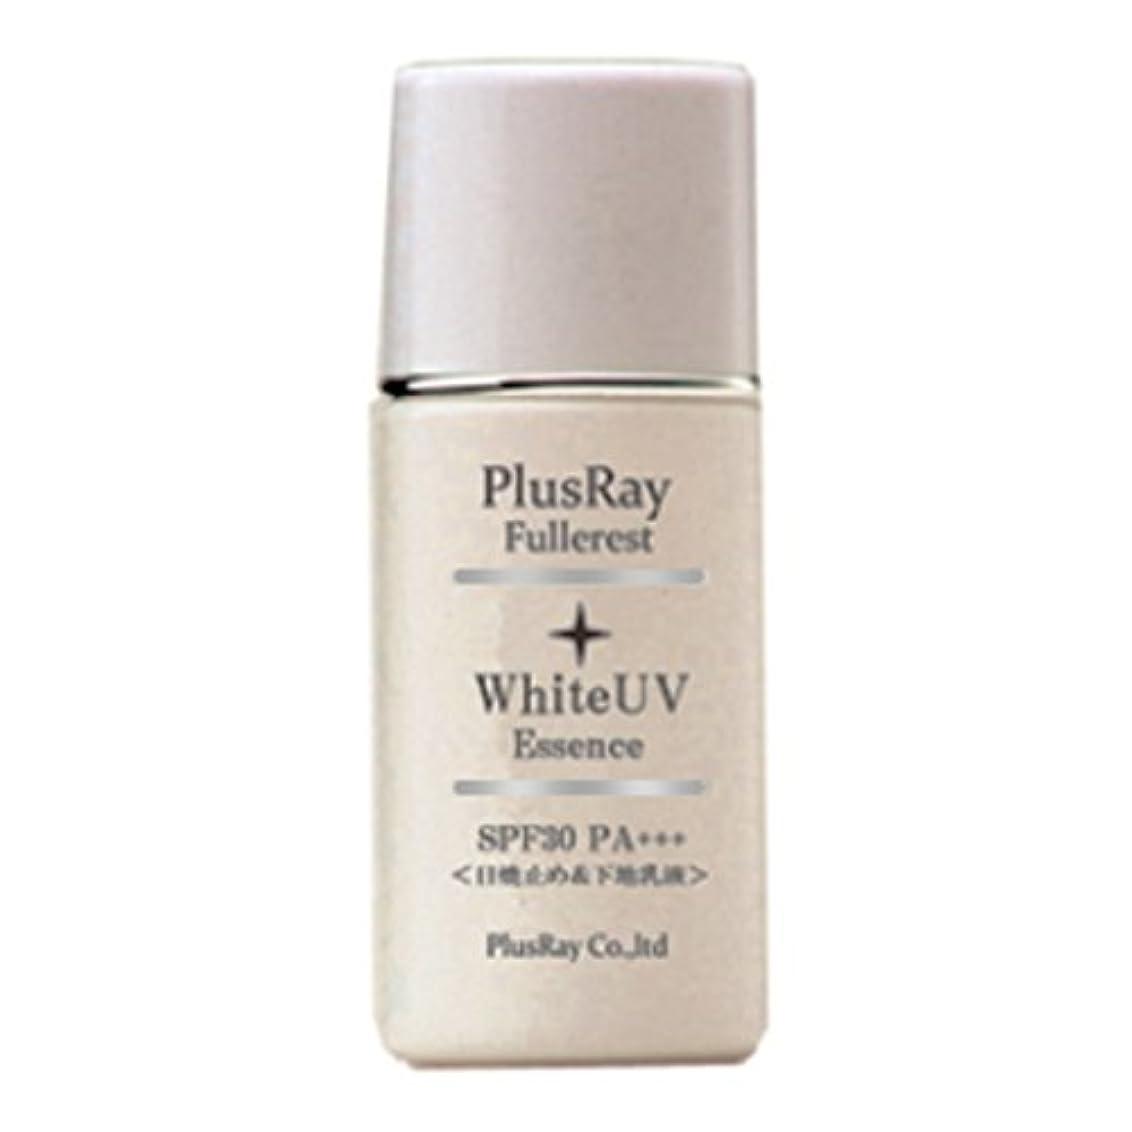 電子レンジ良心熱心なプラスレイ(PlusRay)化粧品 フラーレスト ホワイト UV エッセンス 化粧下地 紫外線対策 A波 B波 対応 乳液タイプ